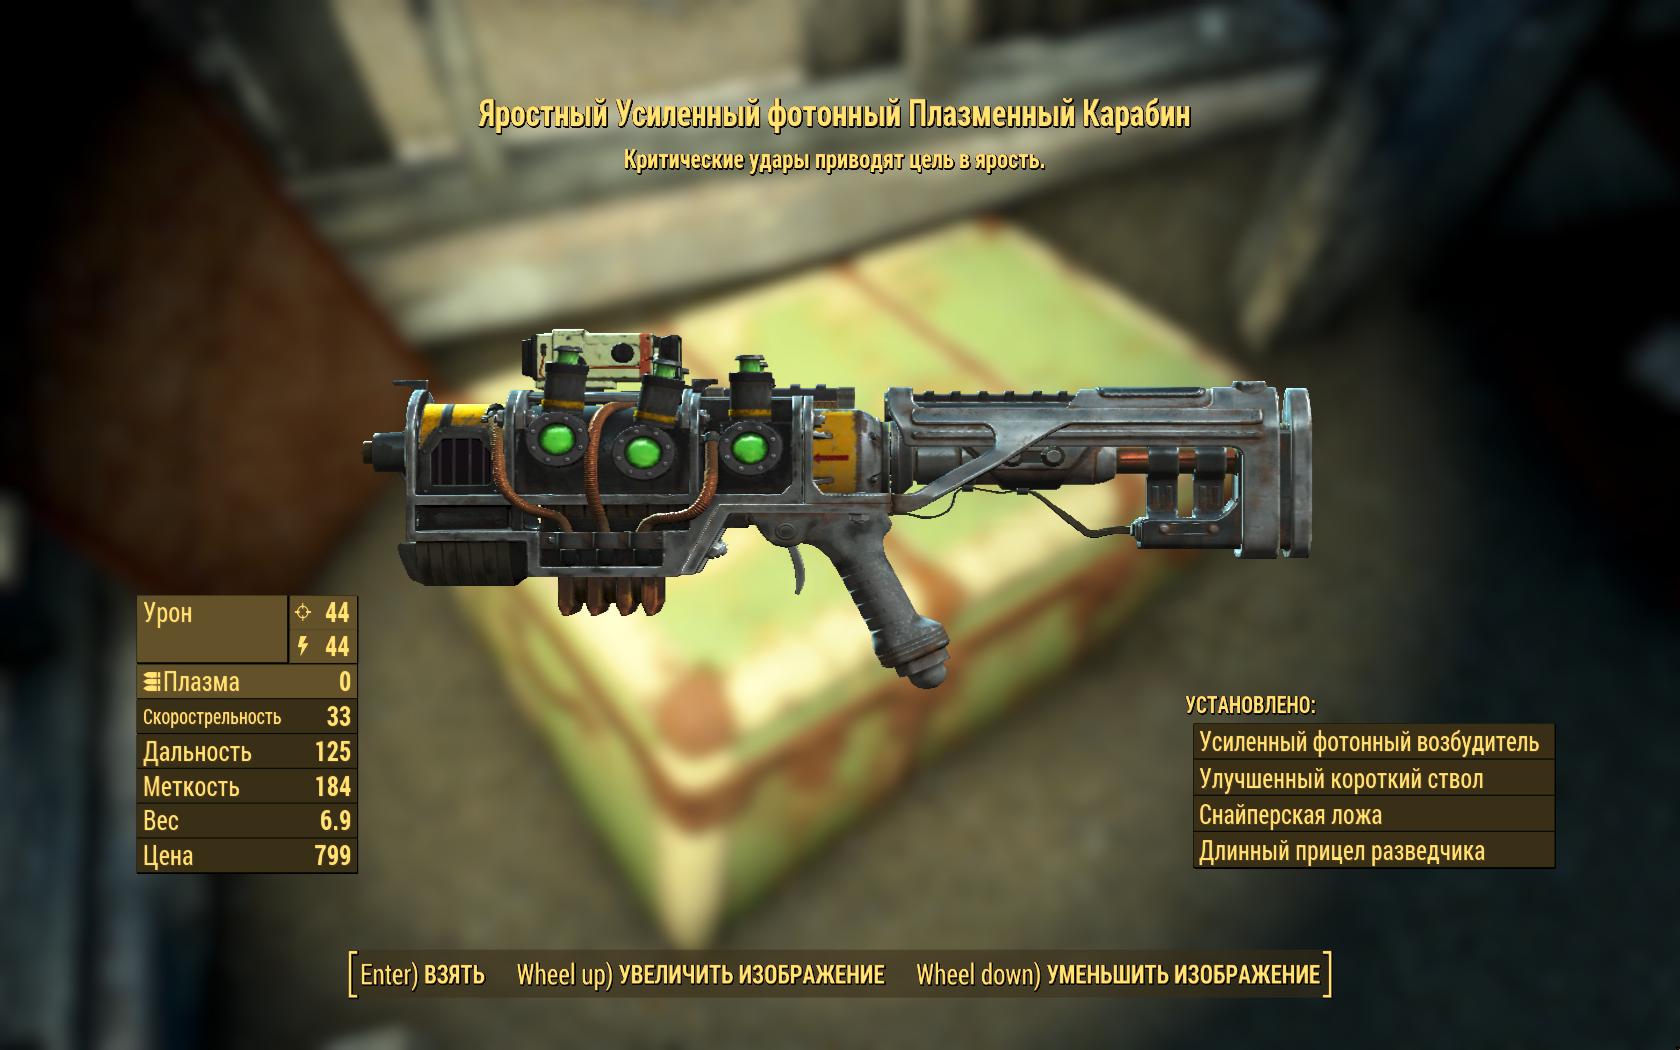 карабин - Fallout 4 Кэндзи, Накано, Оружие, плазменный, подарок, усиленный, фотонный, Яростный